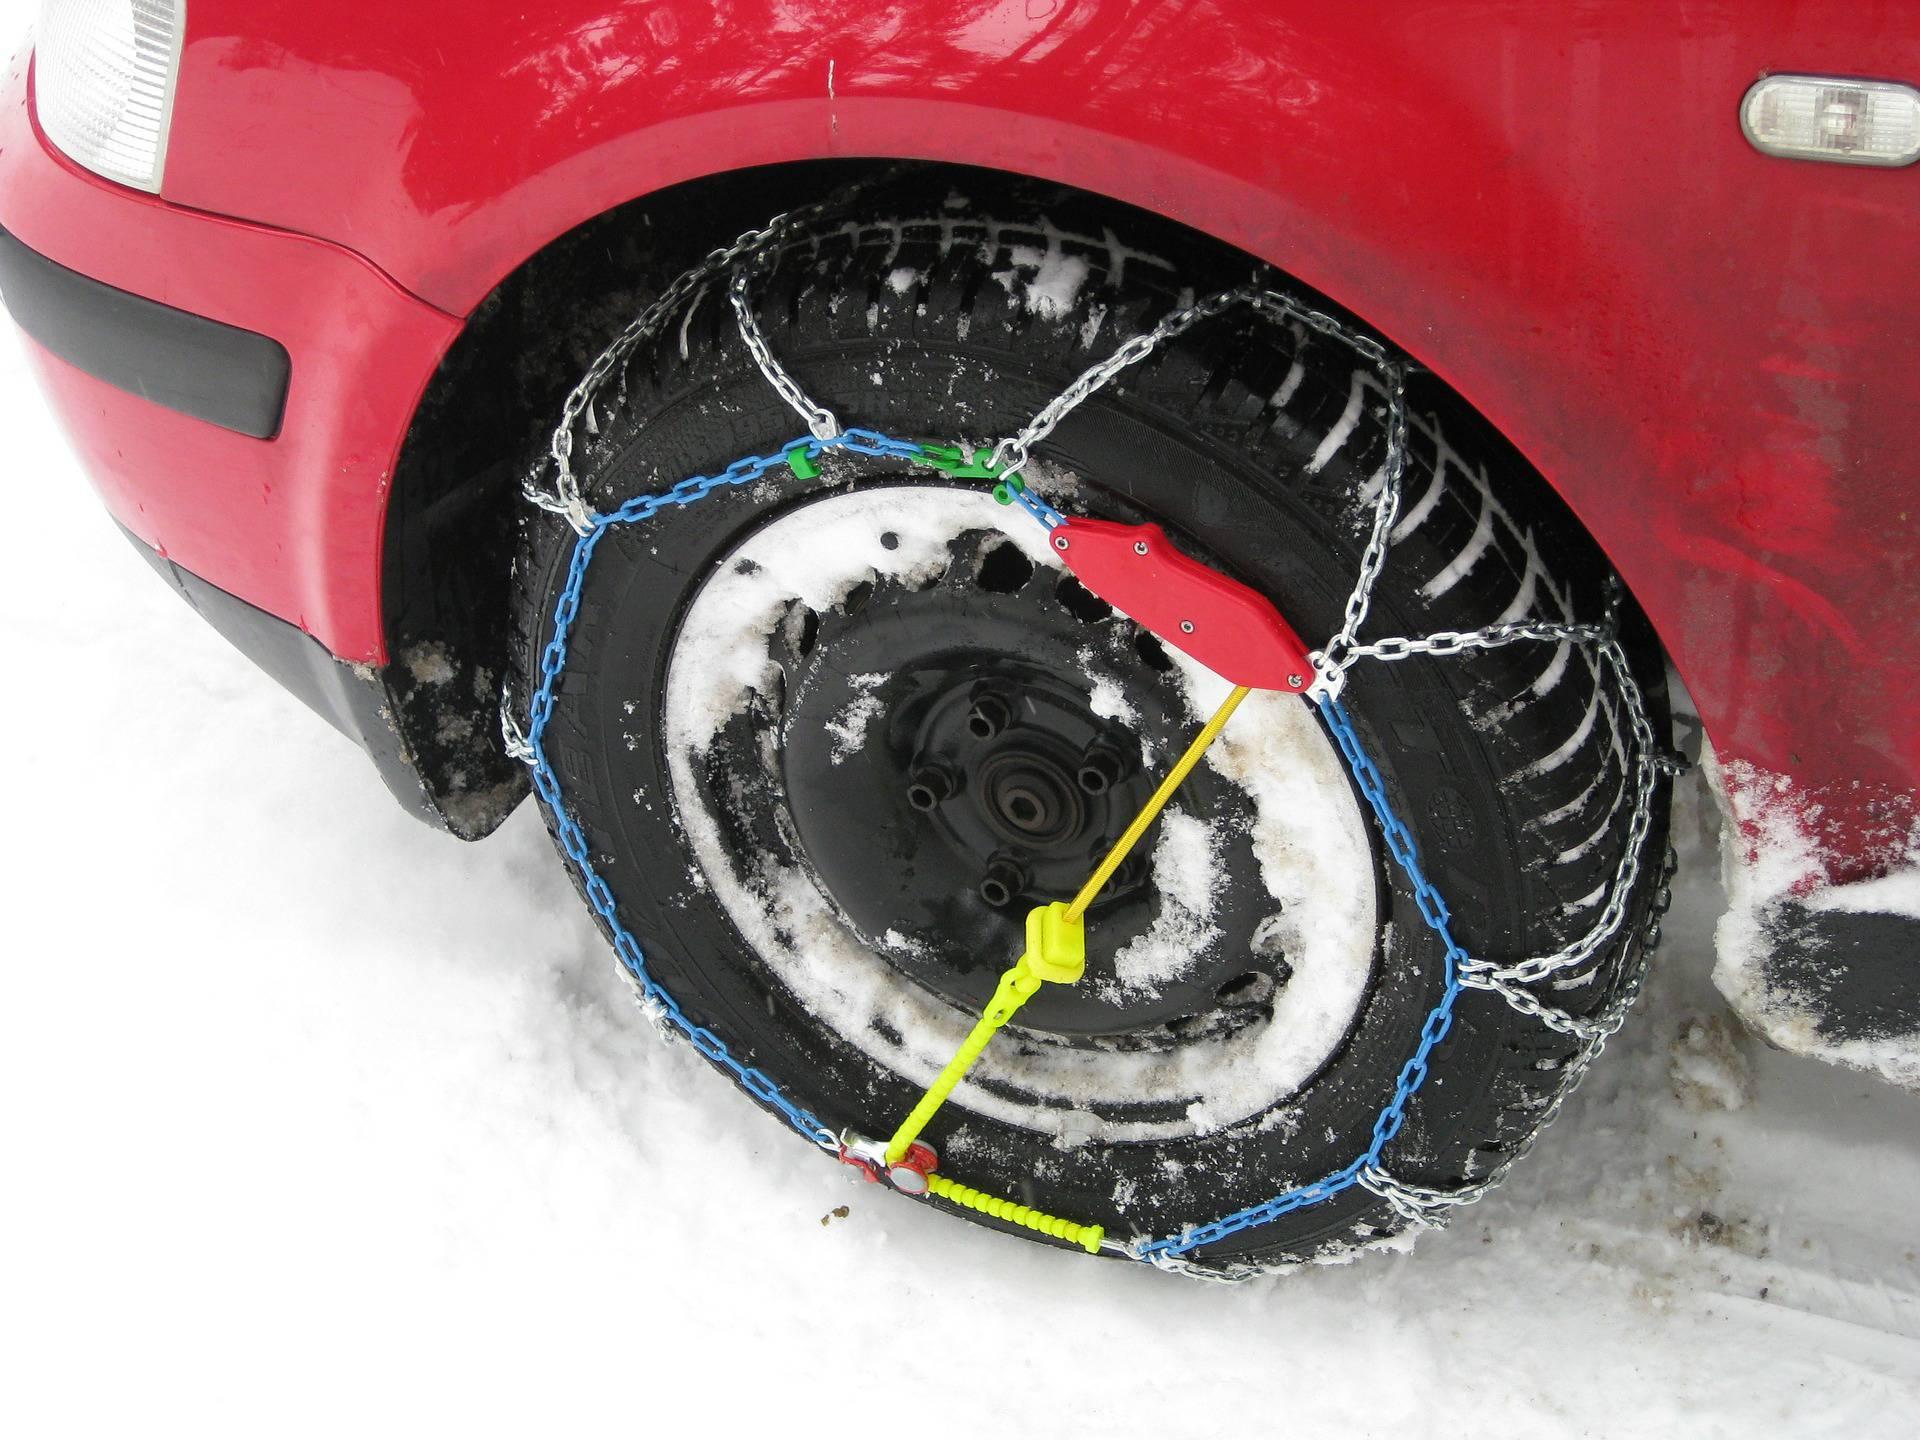 Kako se stavljaju lanci i kada ih uopće treba staviti na kotače?